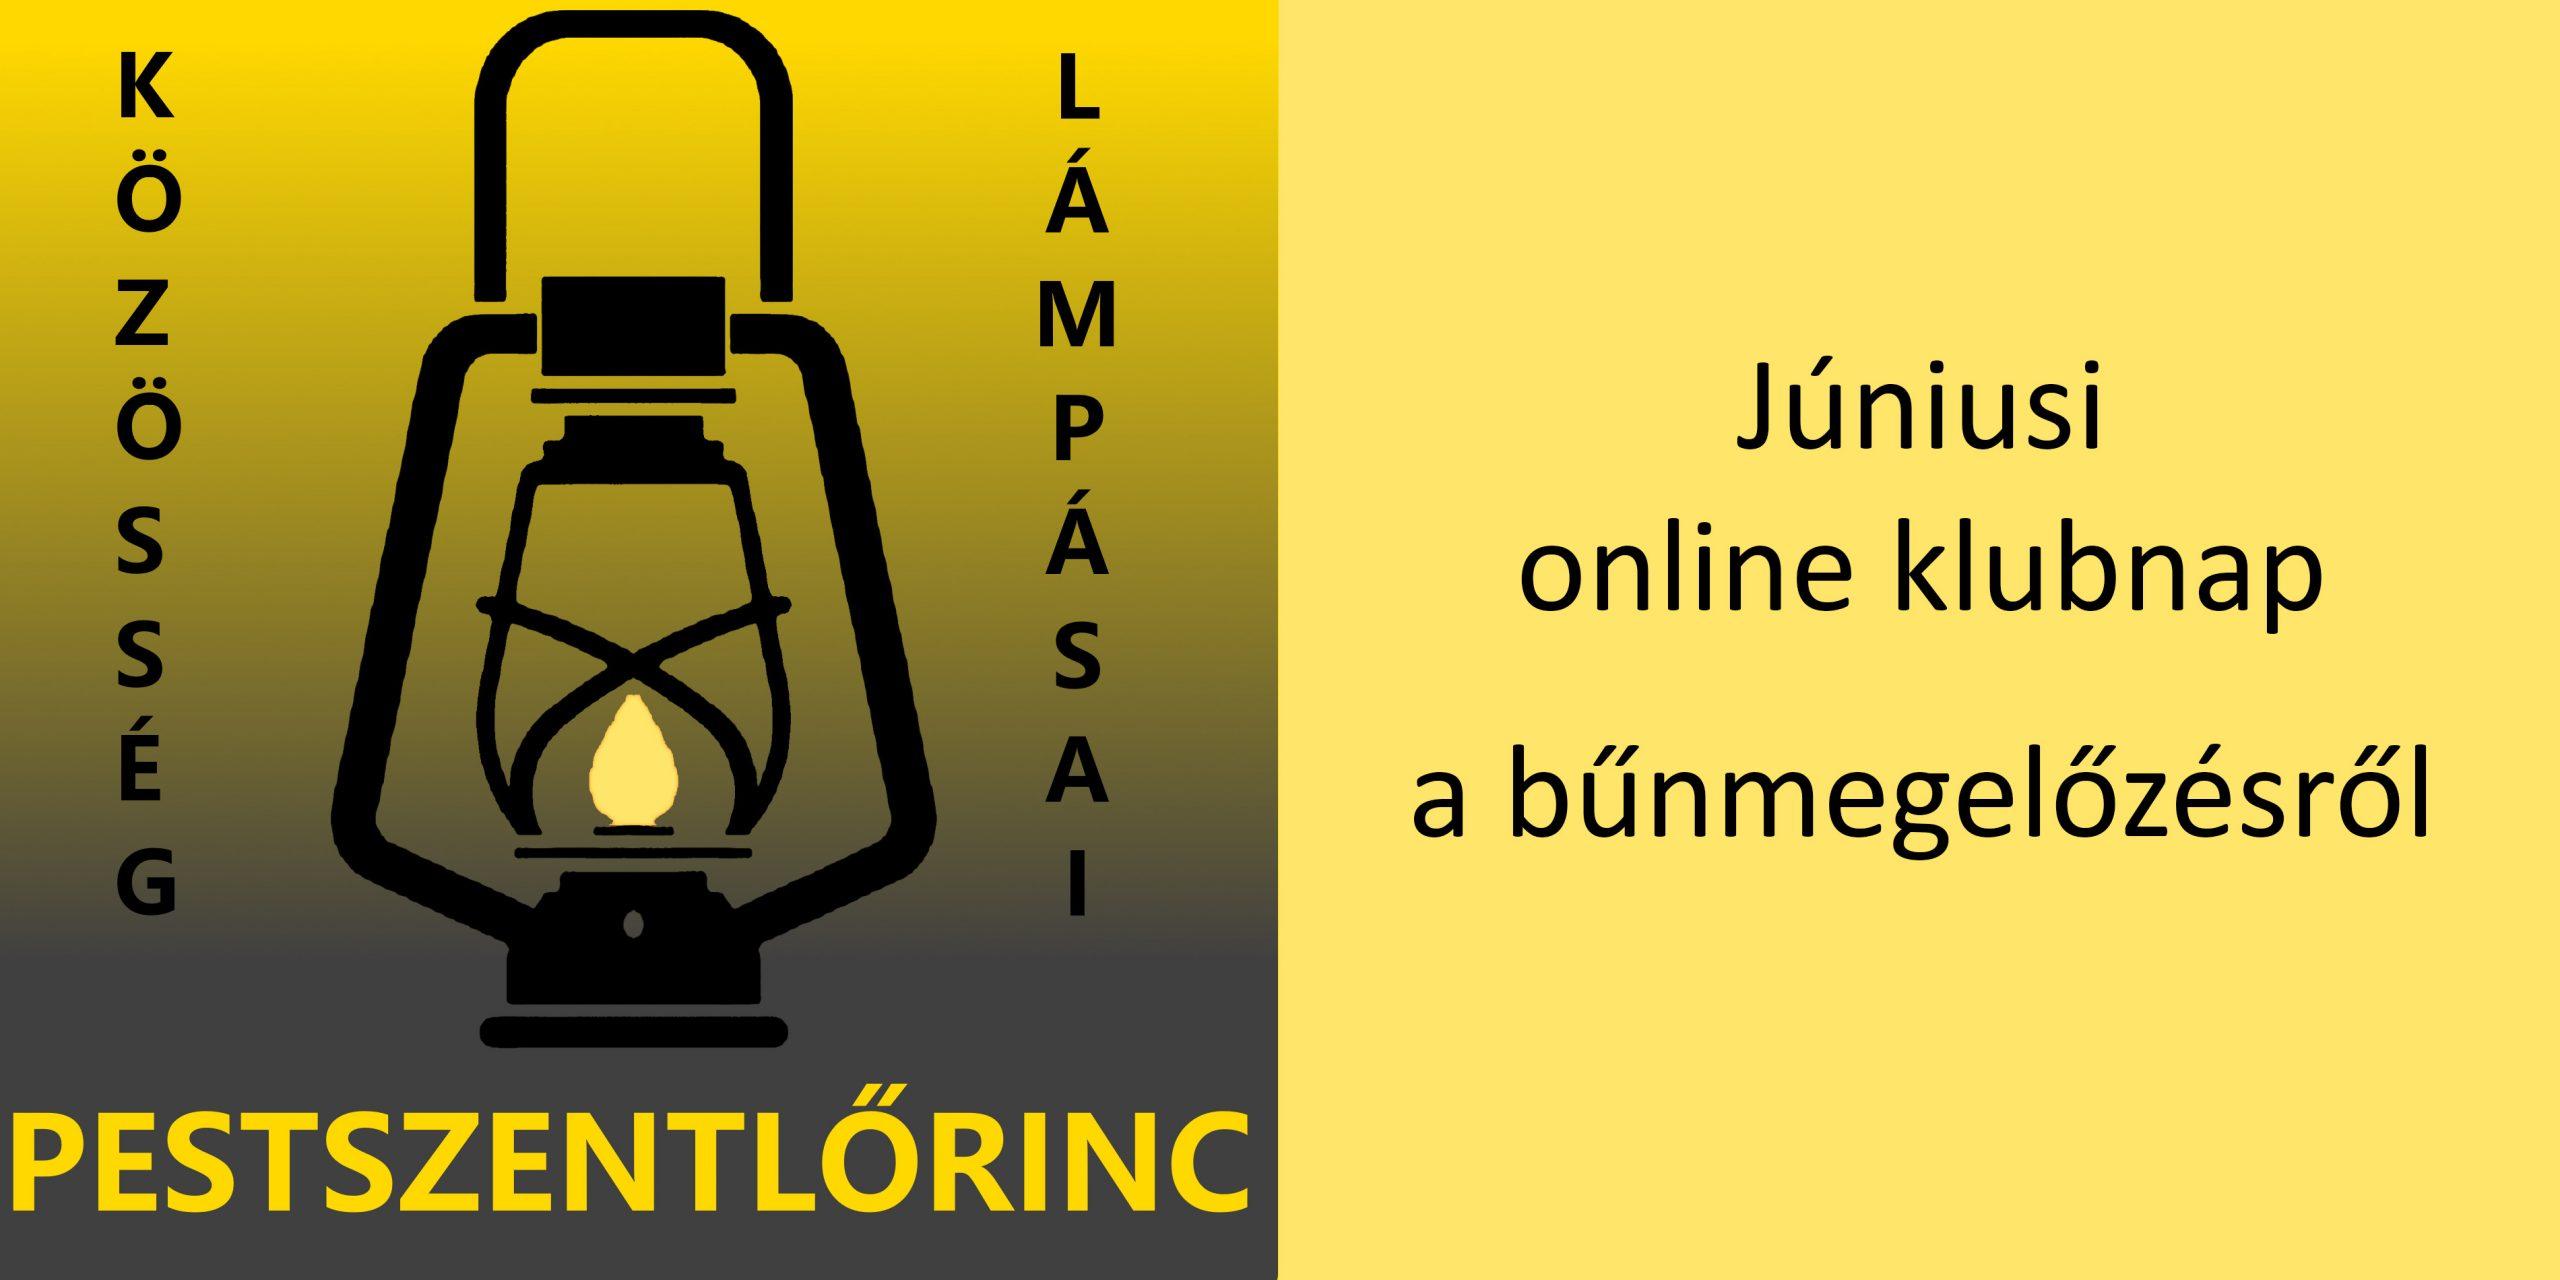 """A képen sárga háttér előtt fekete betűkkel a """"Júniusi online klubnap a bűnmegelőzésről"""" szöveg olvasható, valamint a XVIII. kerületi Lámpás Klub logója látszik."""